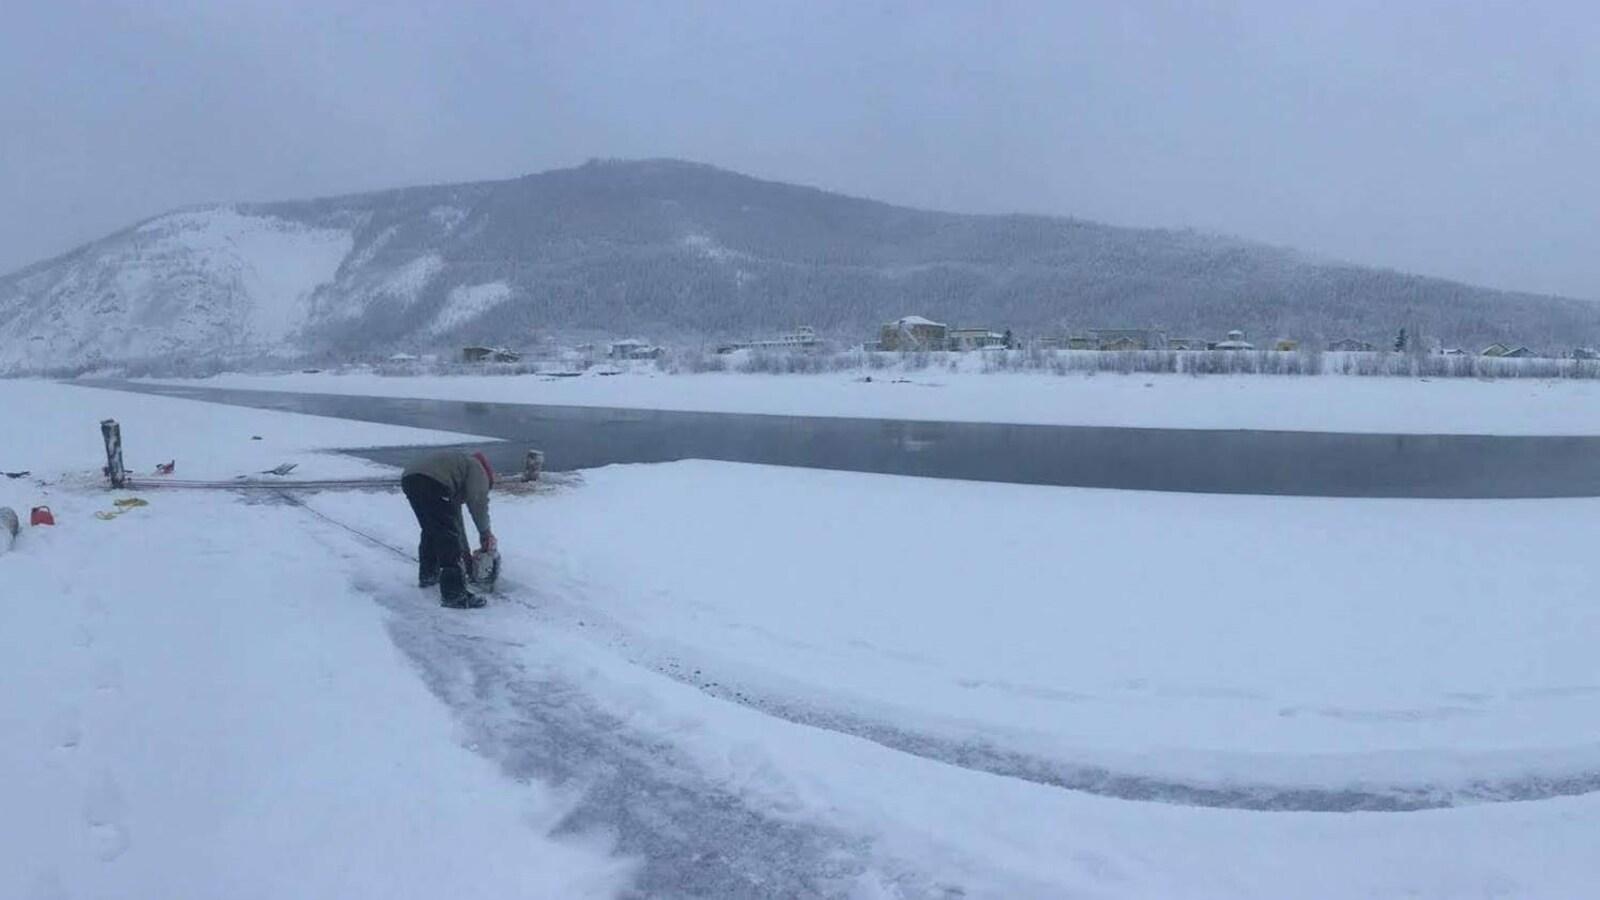 Un homme penché découpe de la glace dans l'eau.